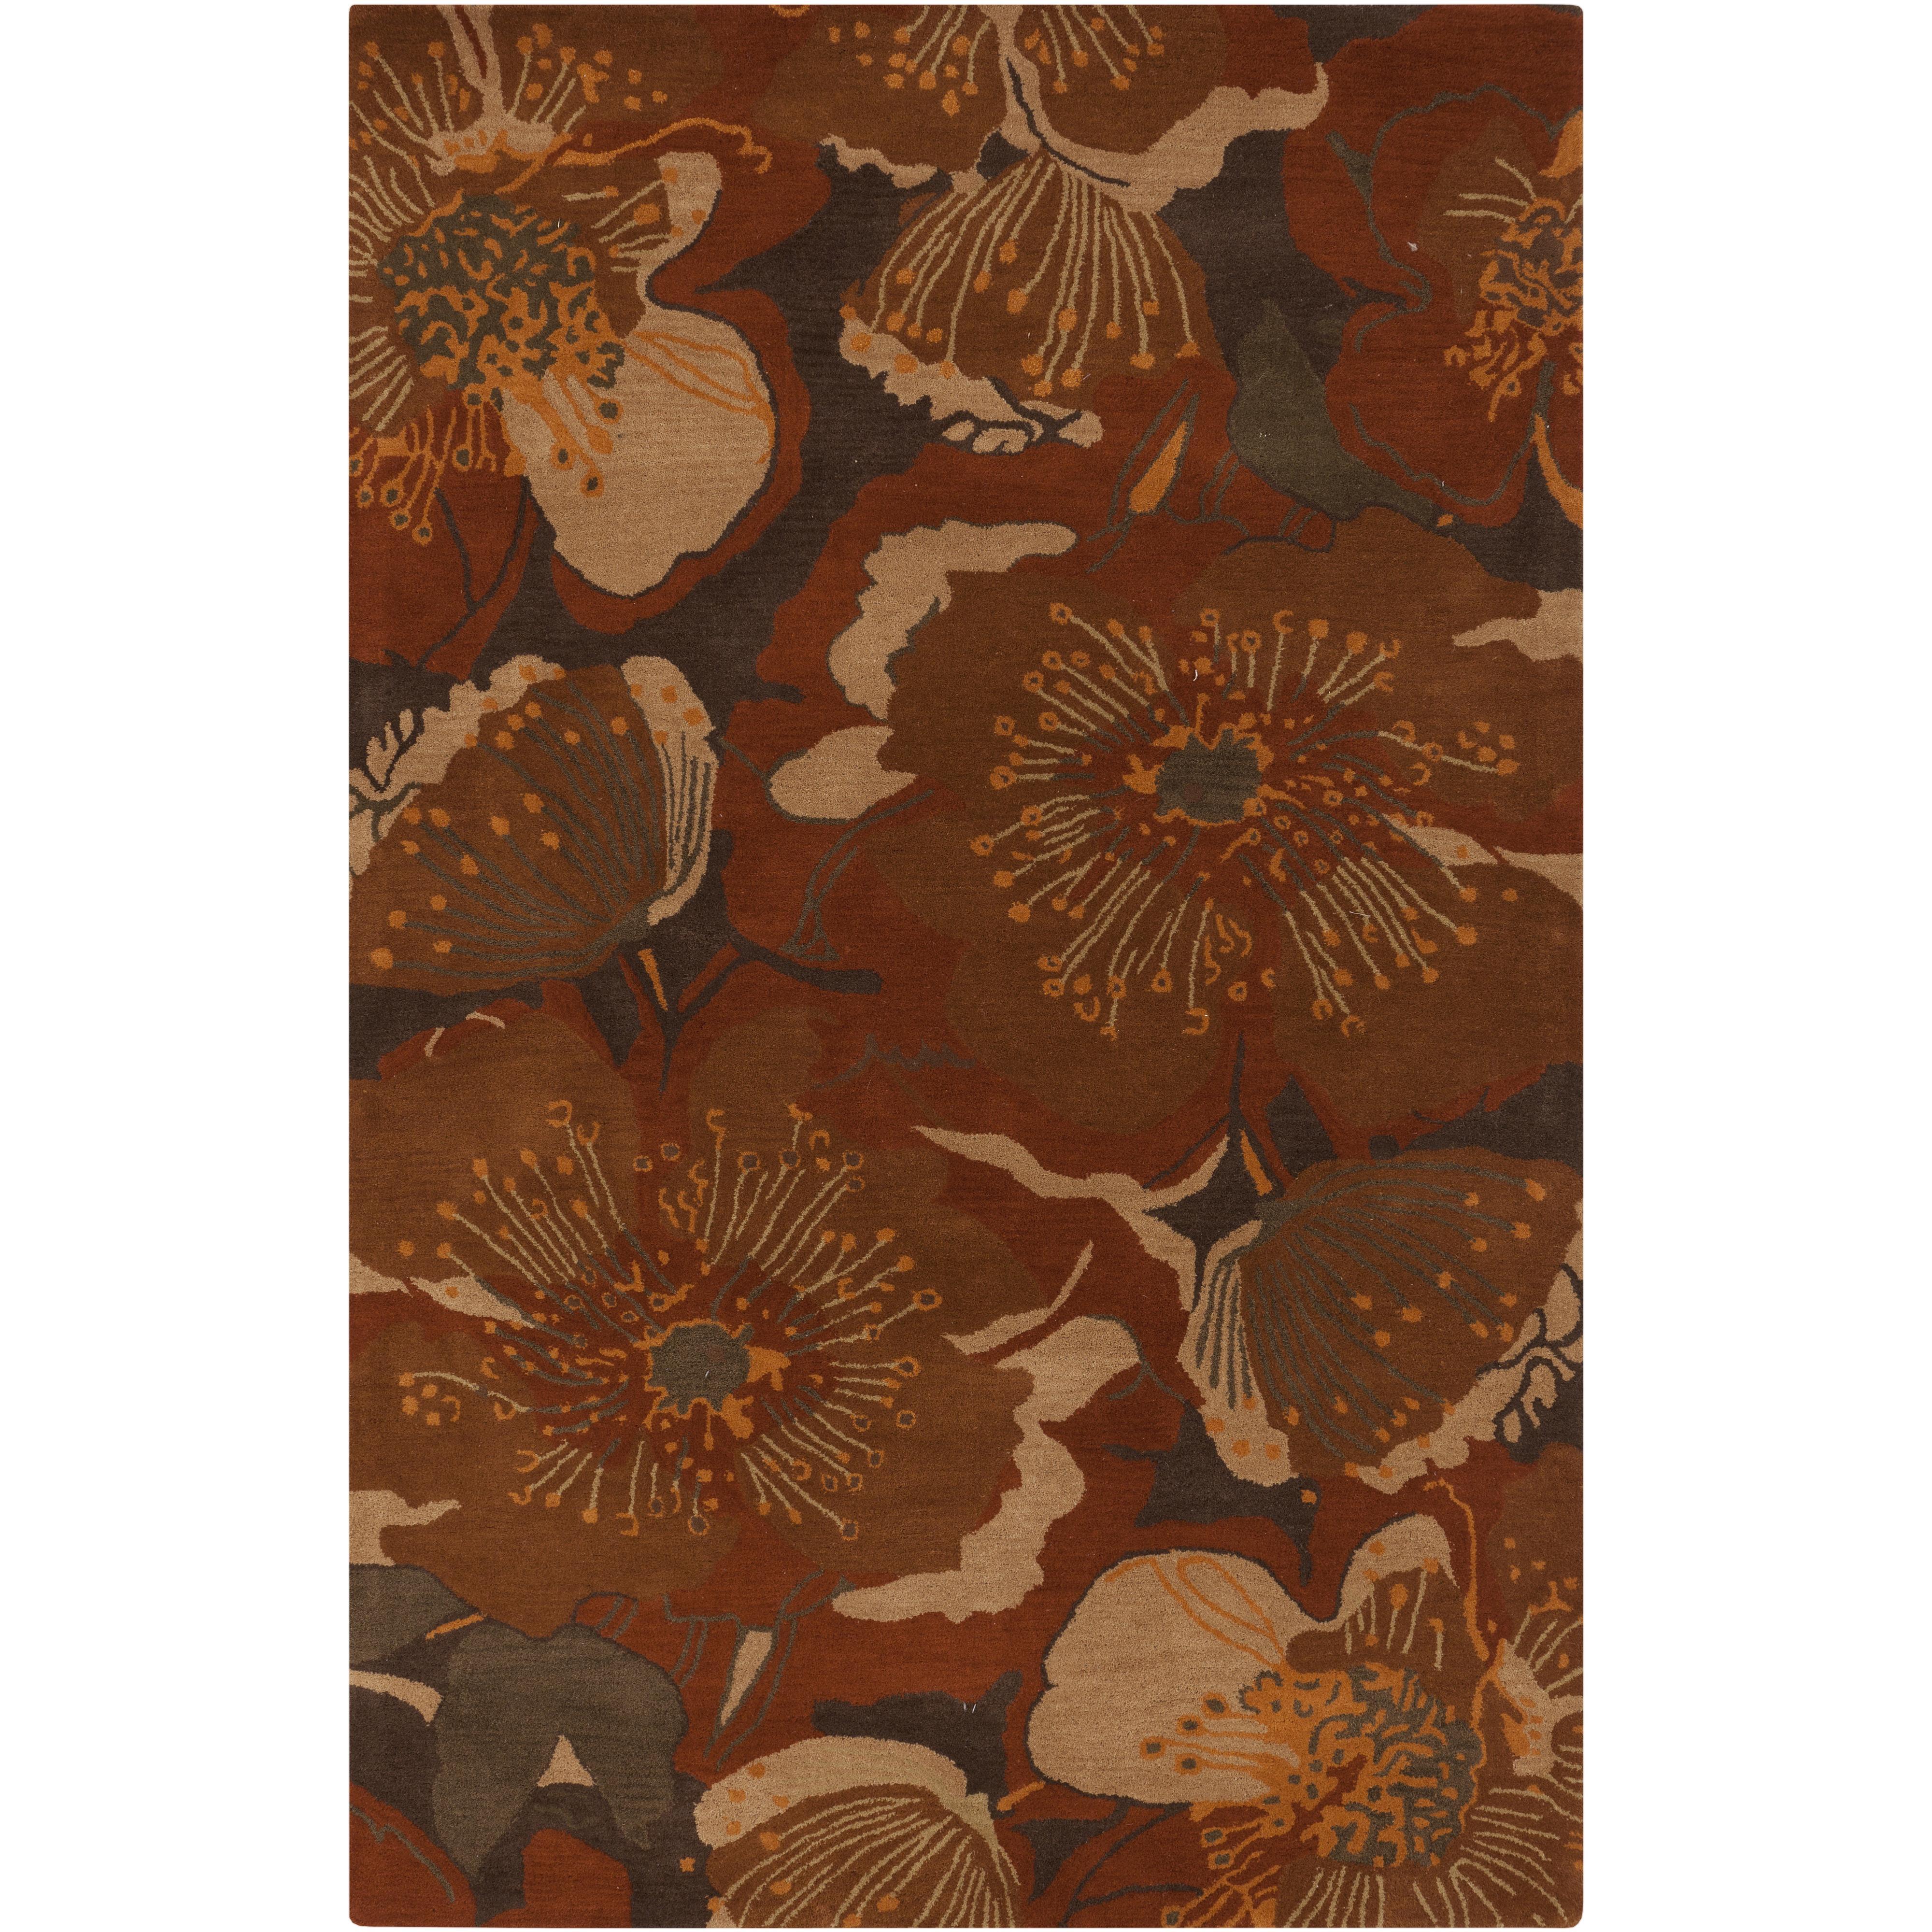 Athena 12' x 15' by Surya at Wayside Furniture